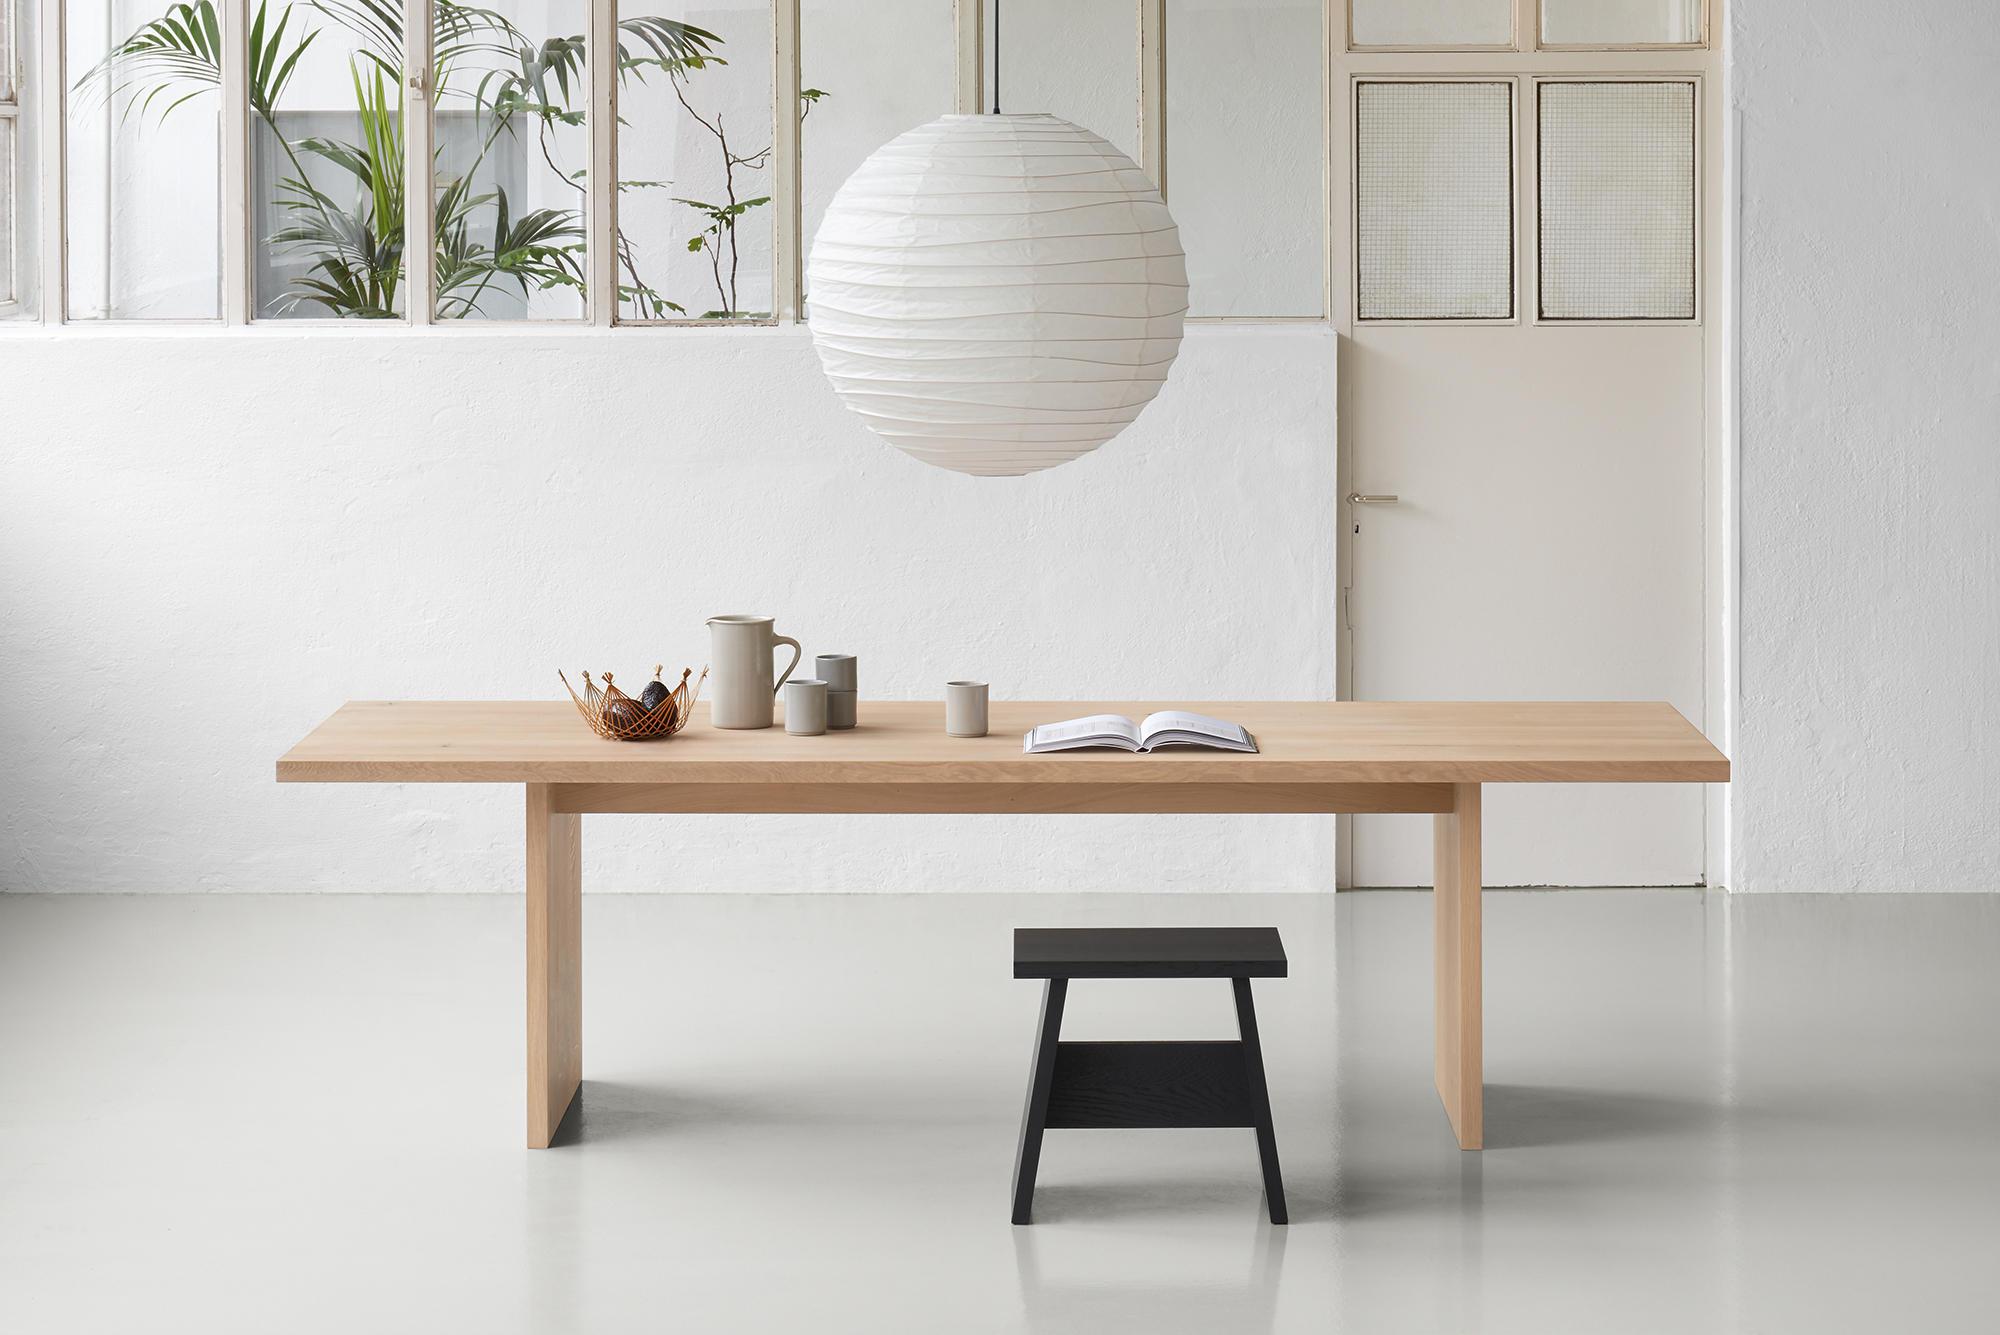 ashida restauranttische von e15 architonic. Black Bedroom Furniture Sets. Home Design Ideas